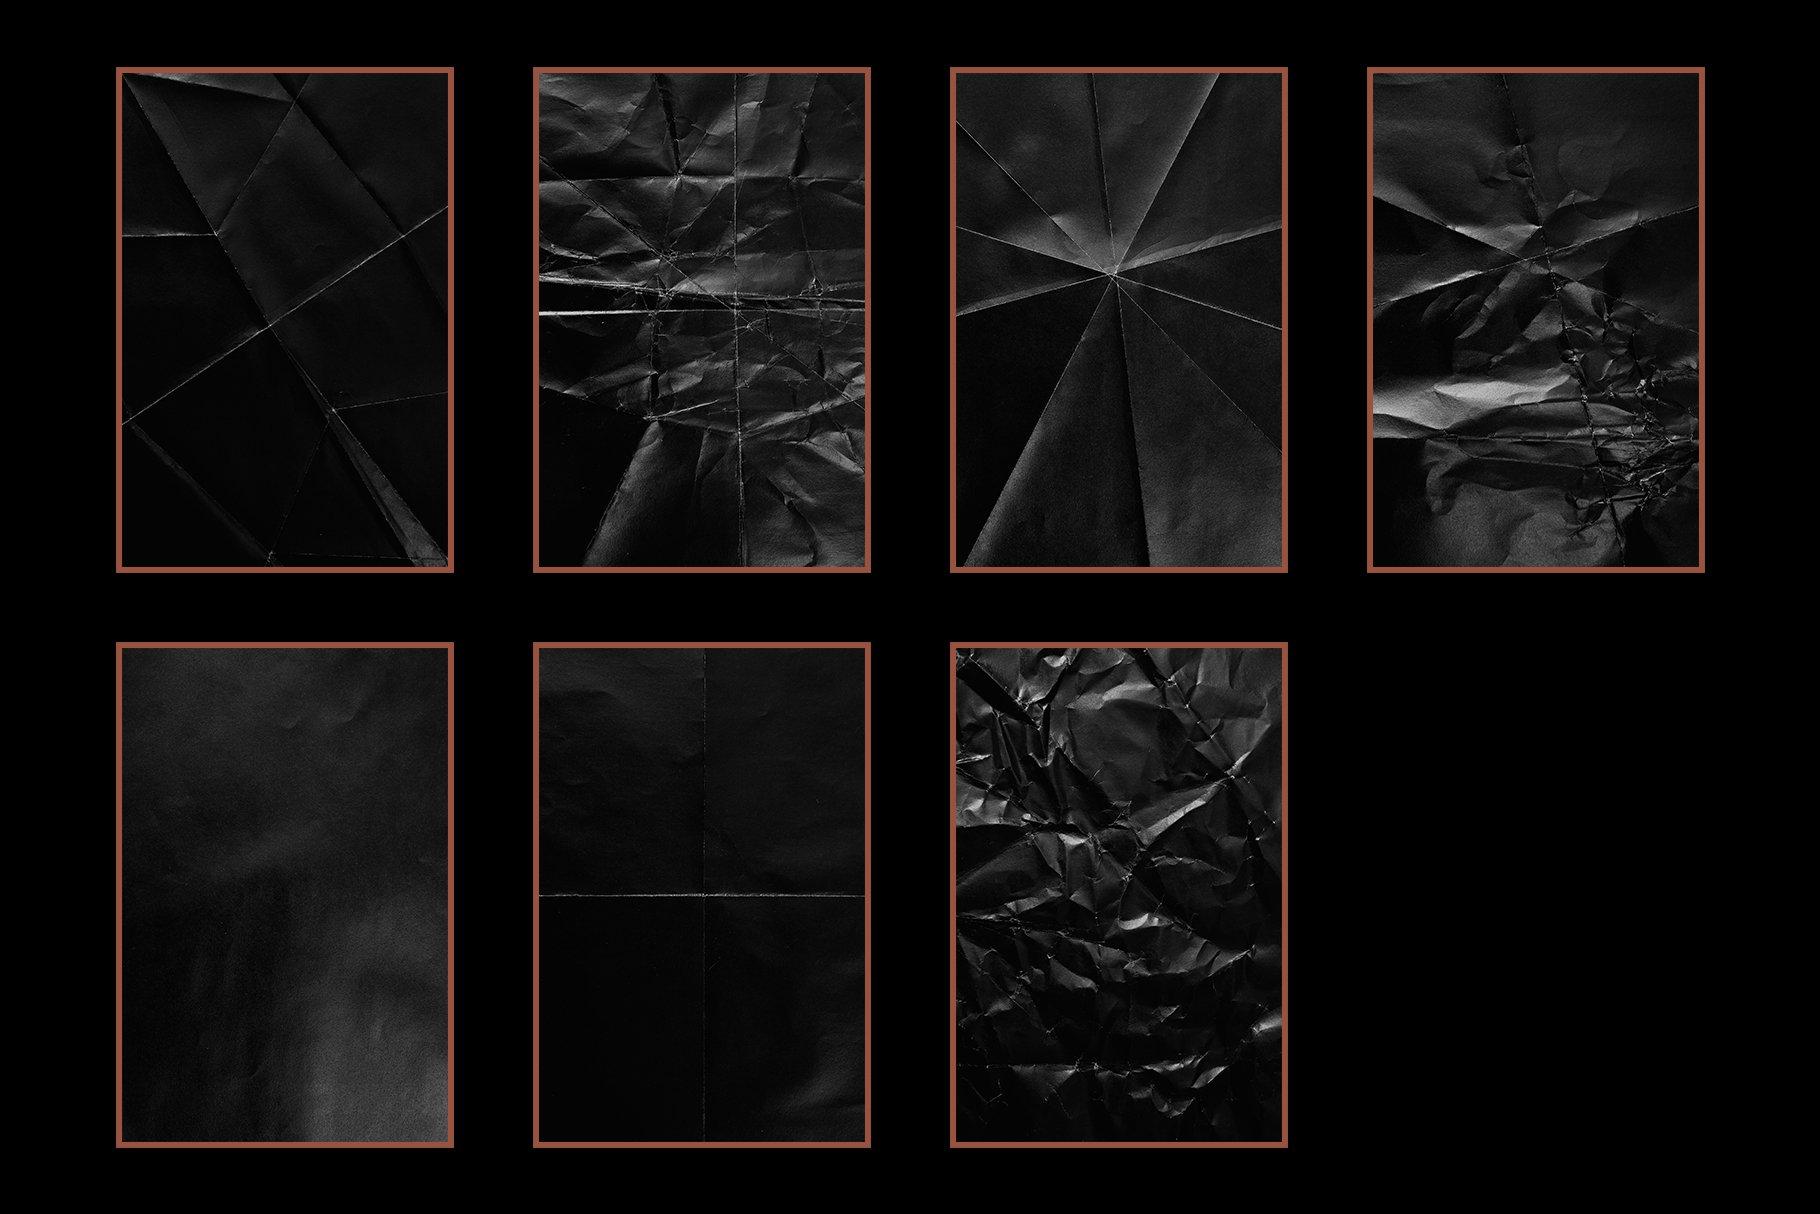 15款高清黑色褶皱折叠纸纹理JPG图片素材 15 Black Paper Textures插图(2)